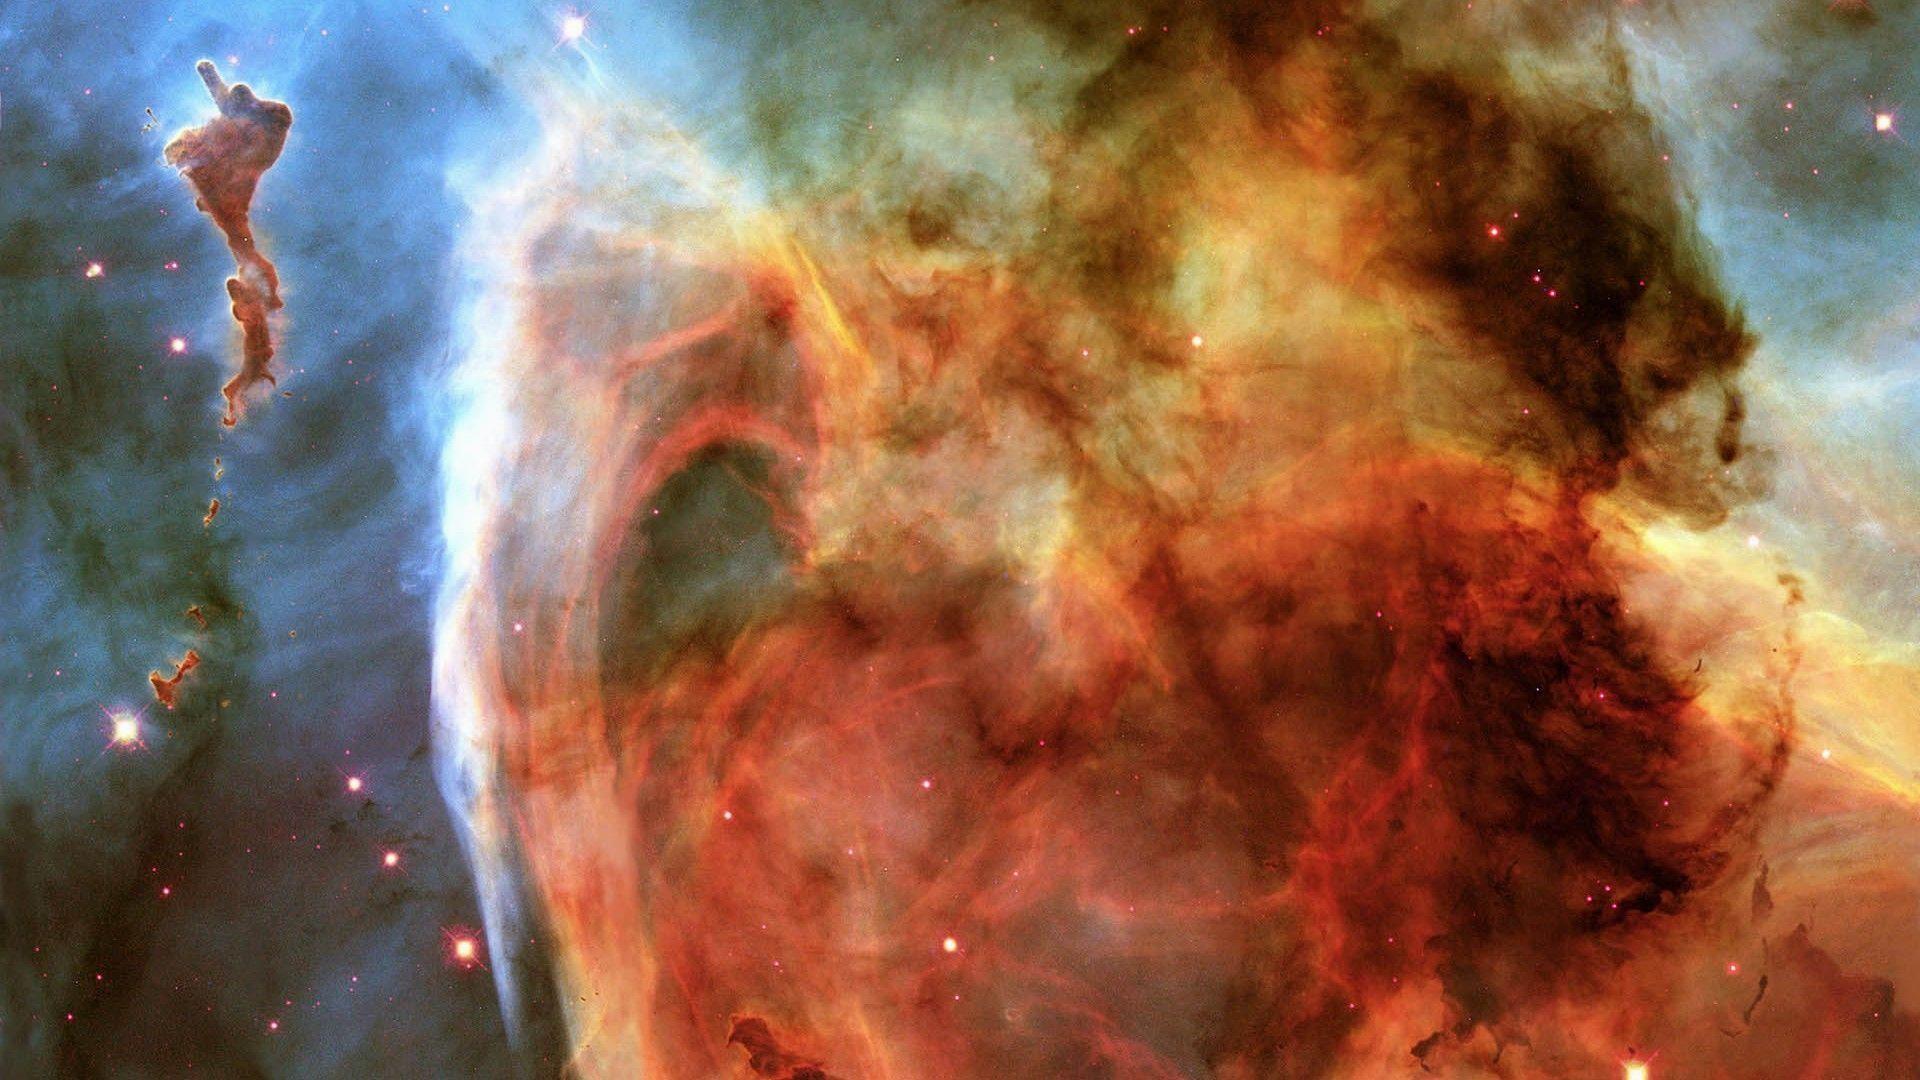 wallpaper.wiki-Hubble-Wallpaper-HD-1920×1080-PIC-WPD002235